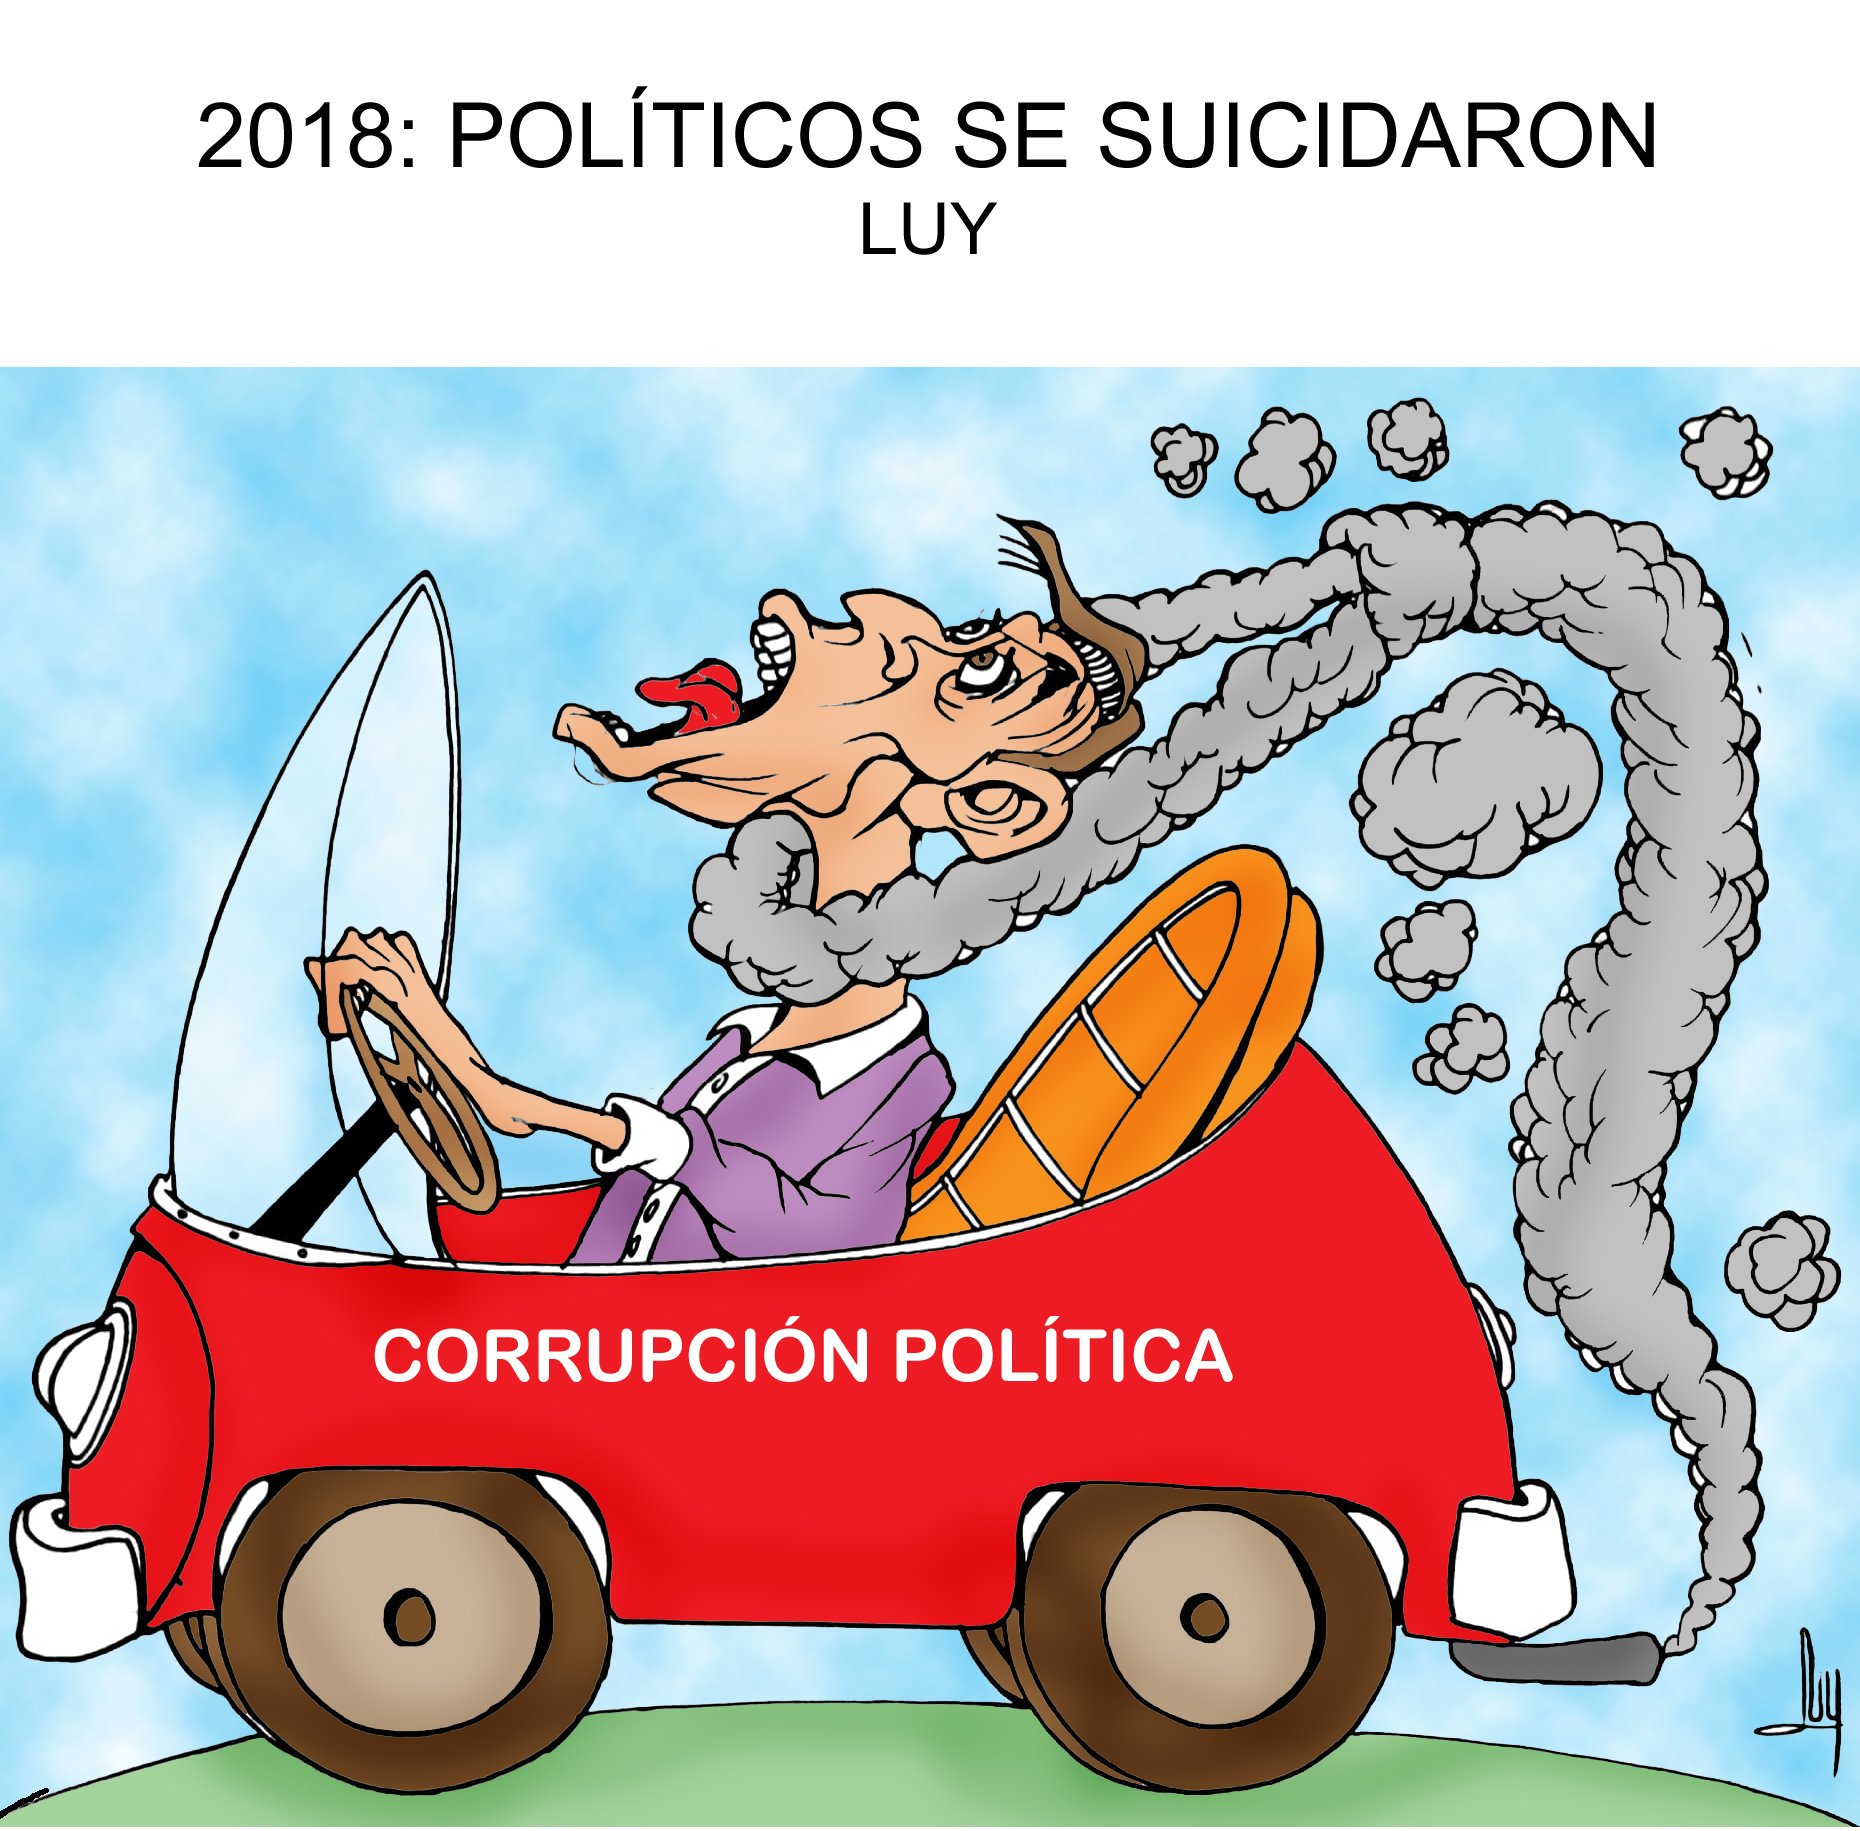 politicos-suicidaron